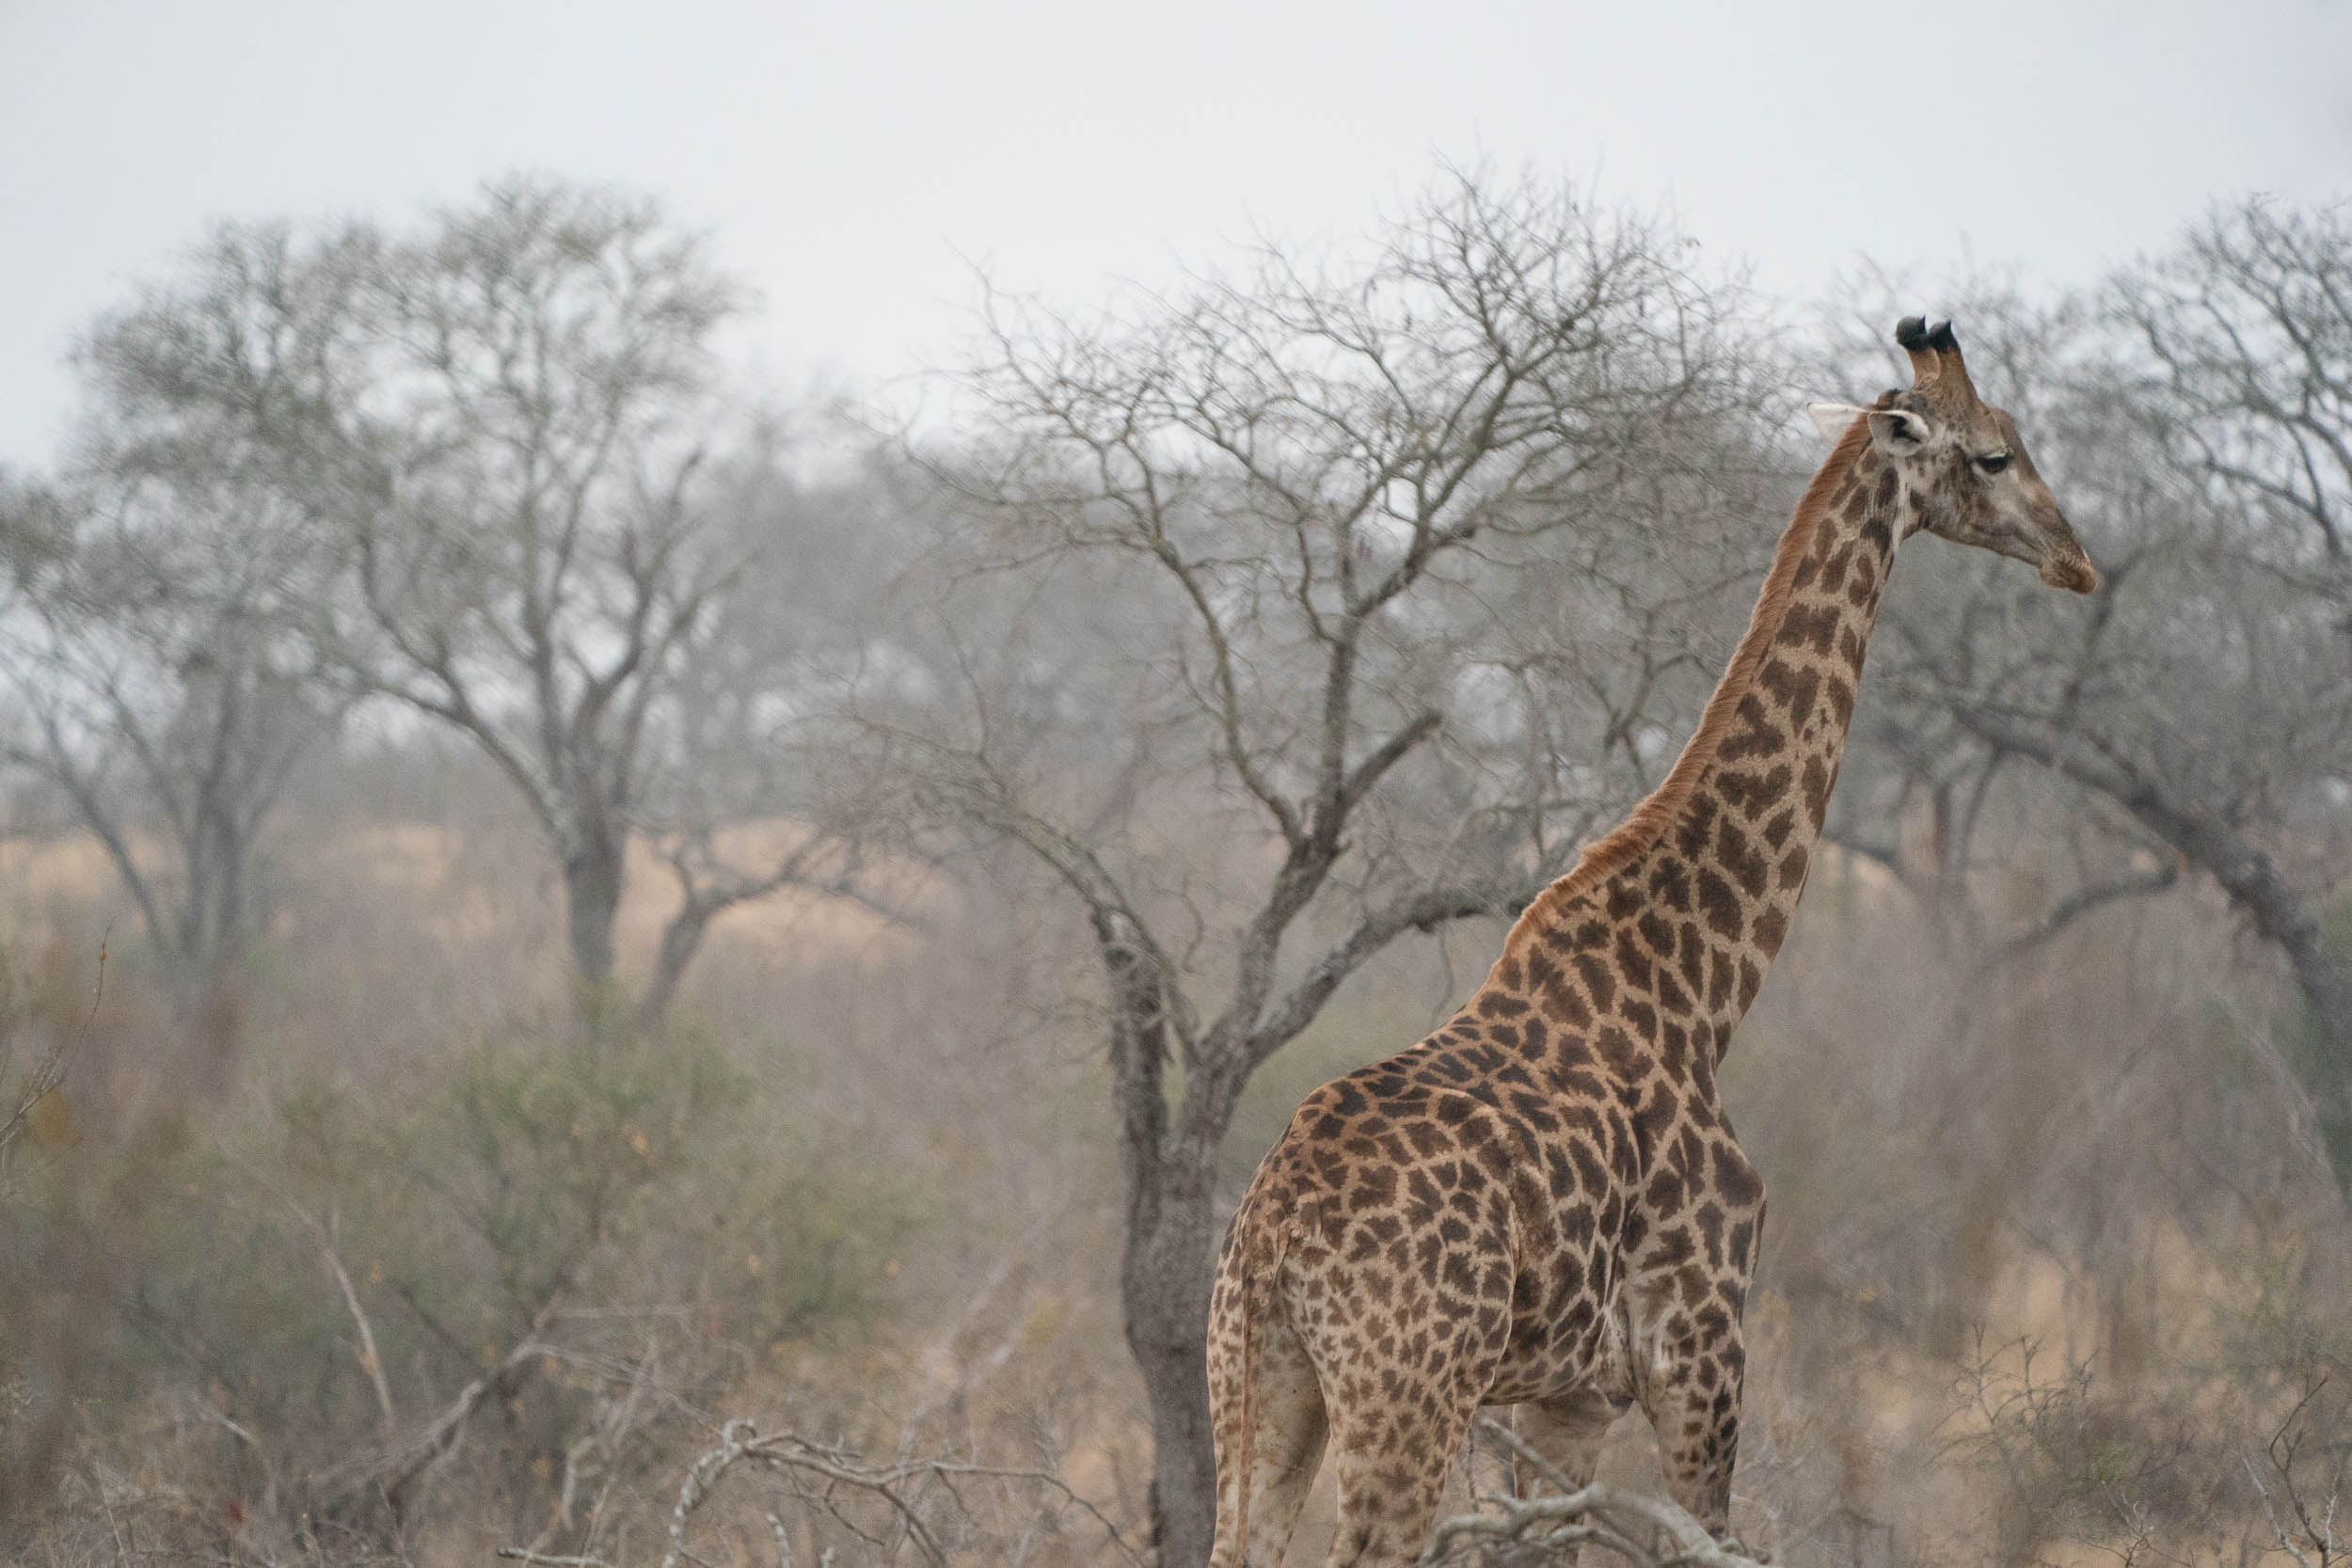 the_getaway_edit_south_africa_safari_londolozi_game_reserve-7.jpg